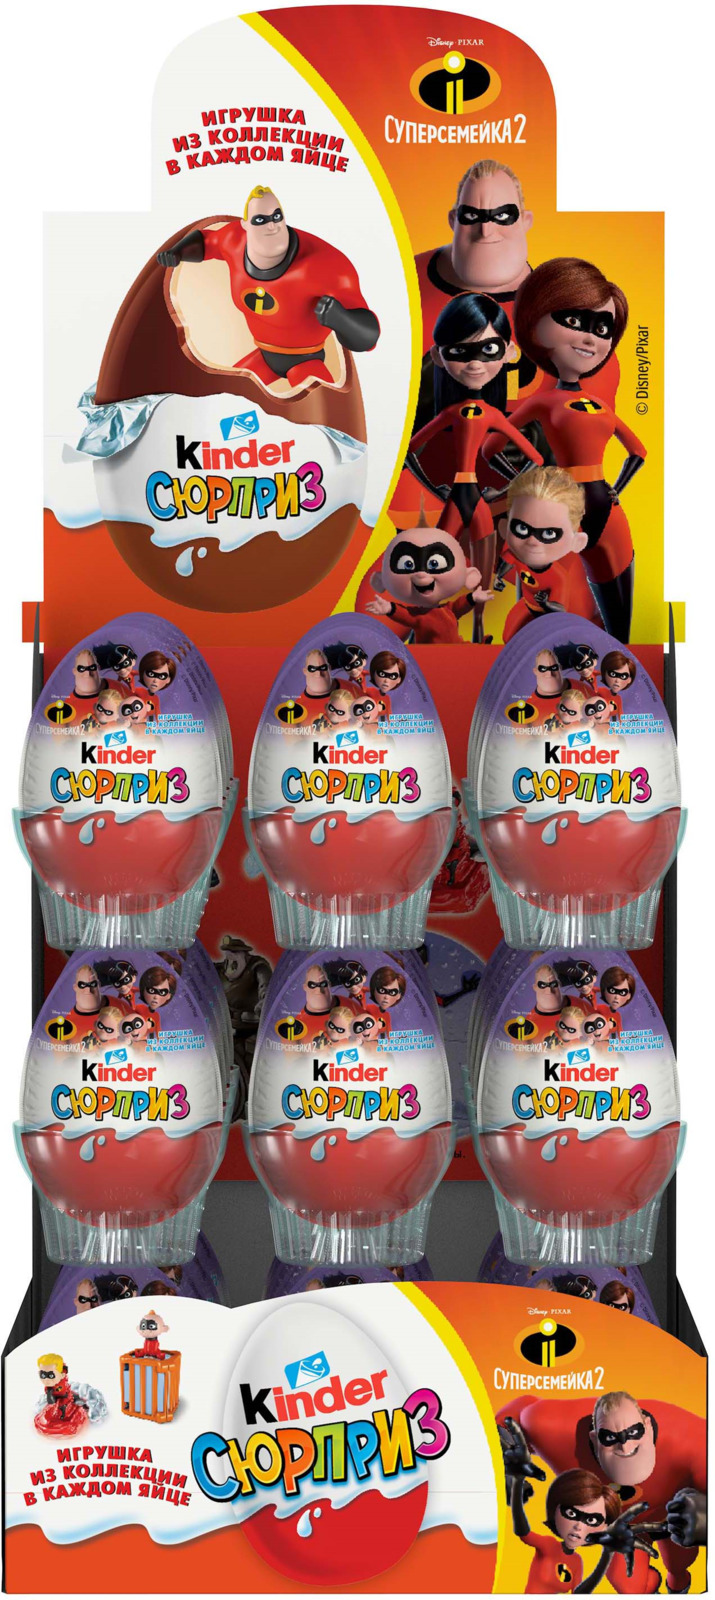 Яйцо шоколадное Kinder Сюрприз Суперсемейка 2, молочное, c игрушкой внутри, 36 шт по 20 г десерты kinder kinder surprise для девочки 20 г